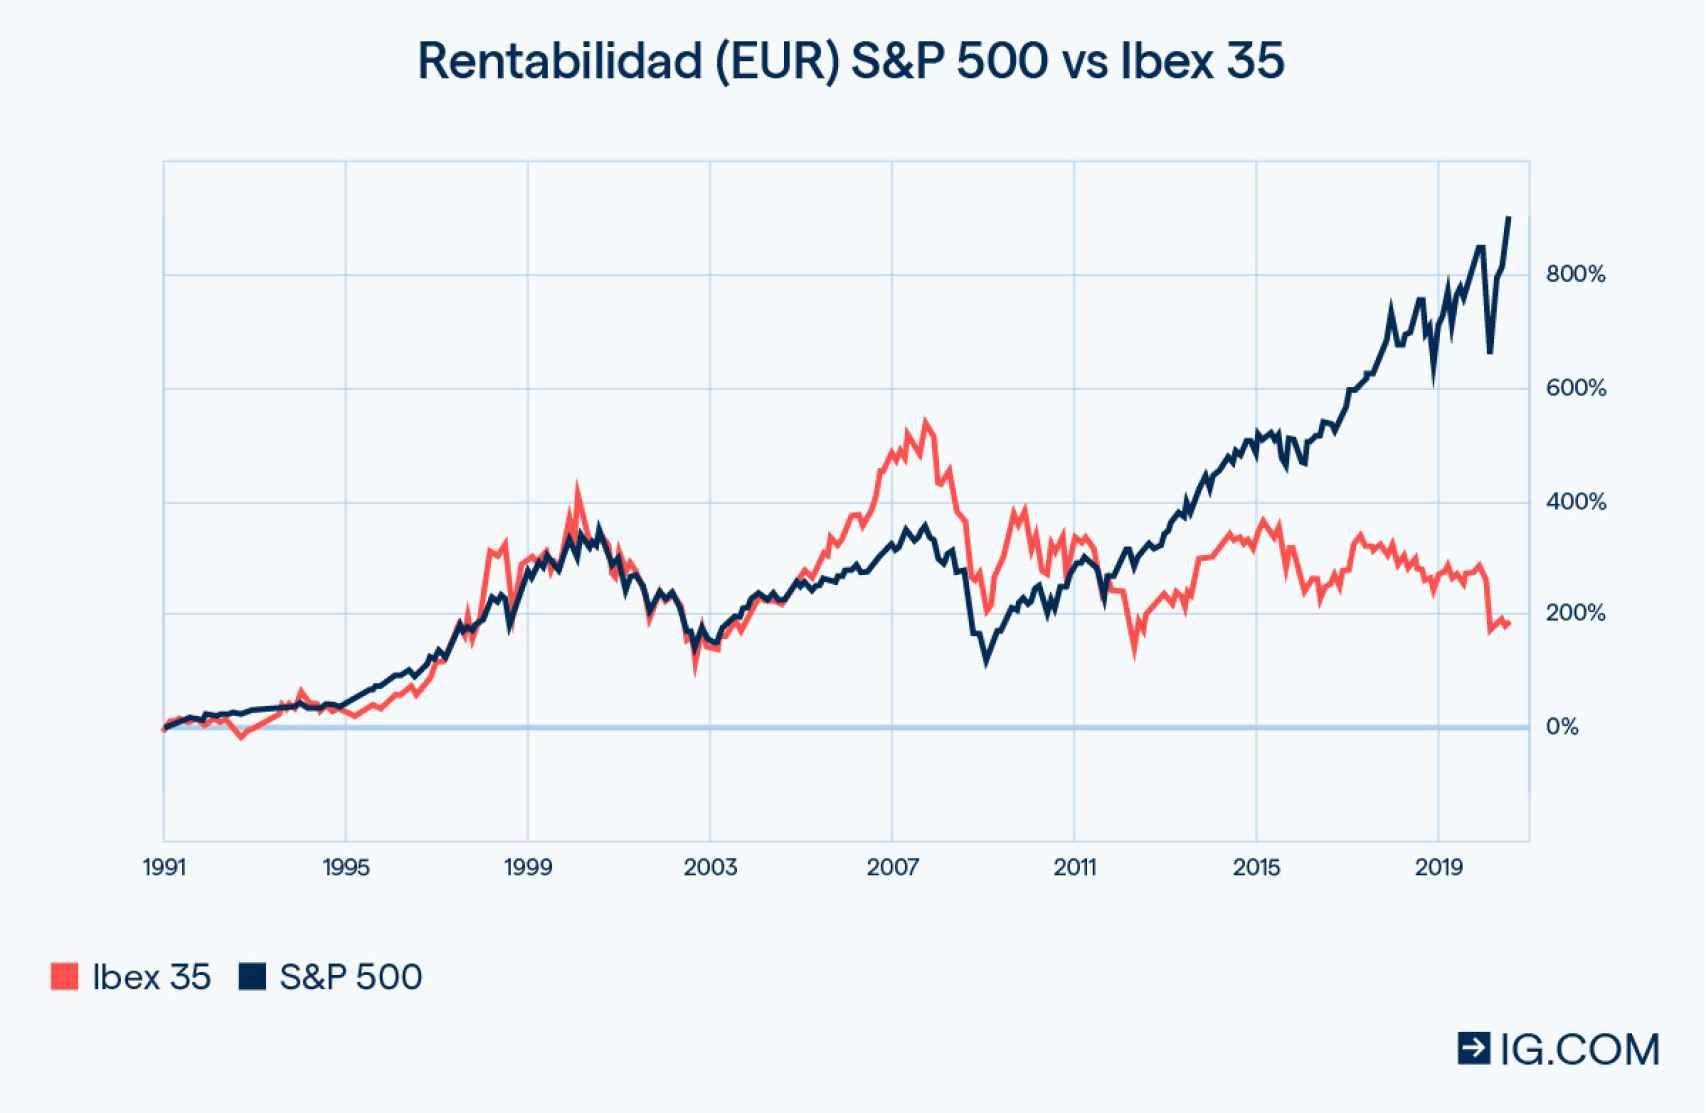 Comparativa de rentabilidades entre el Ibex 35 y el S&P 500